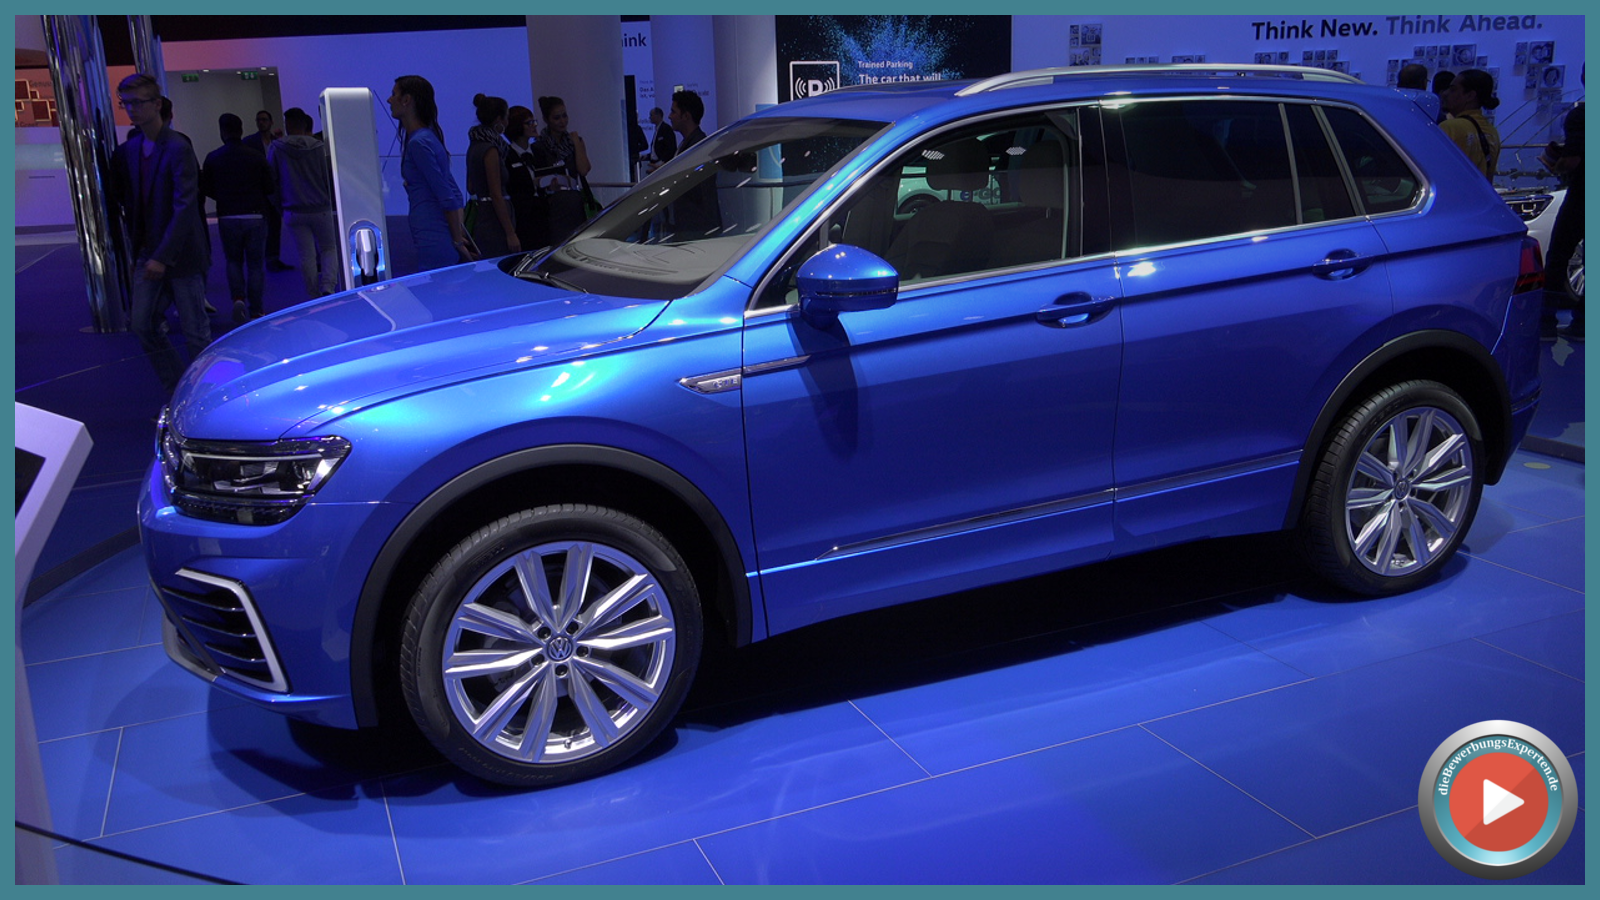 Ganz am Ende des Tages noch ein Star der IAA - der neue Volkswagen Tiguan 2015